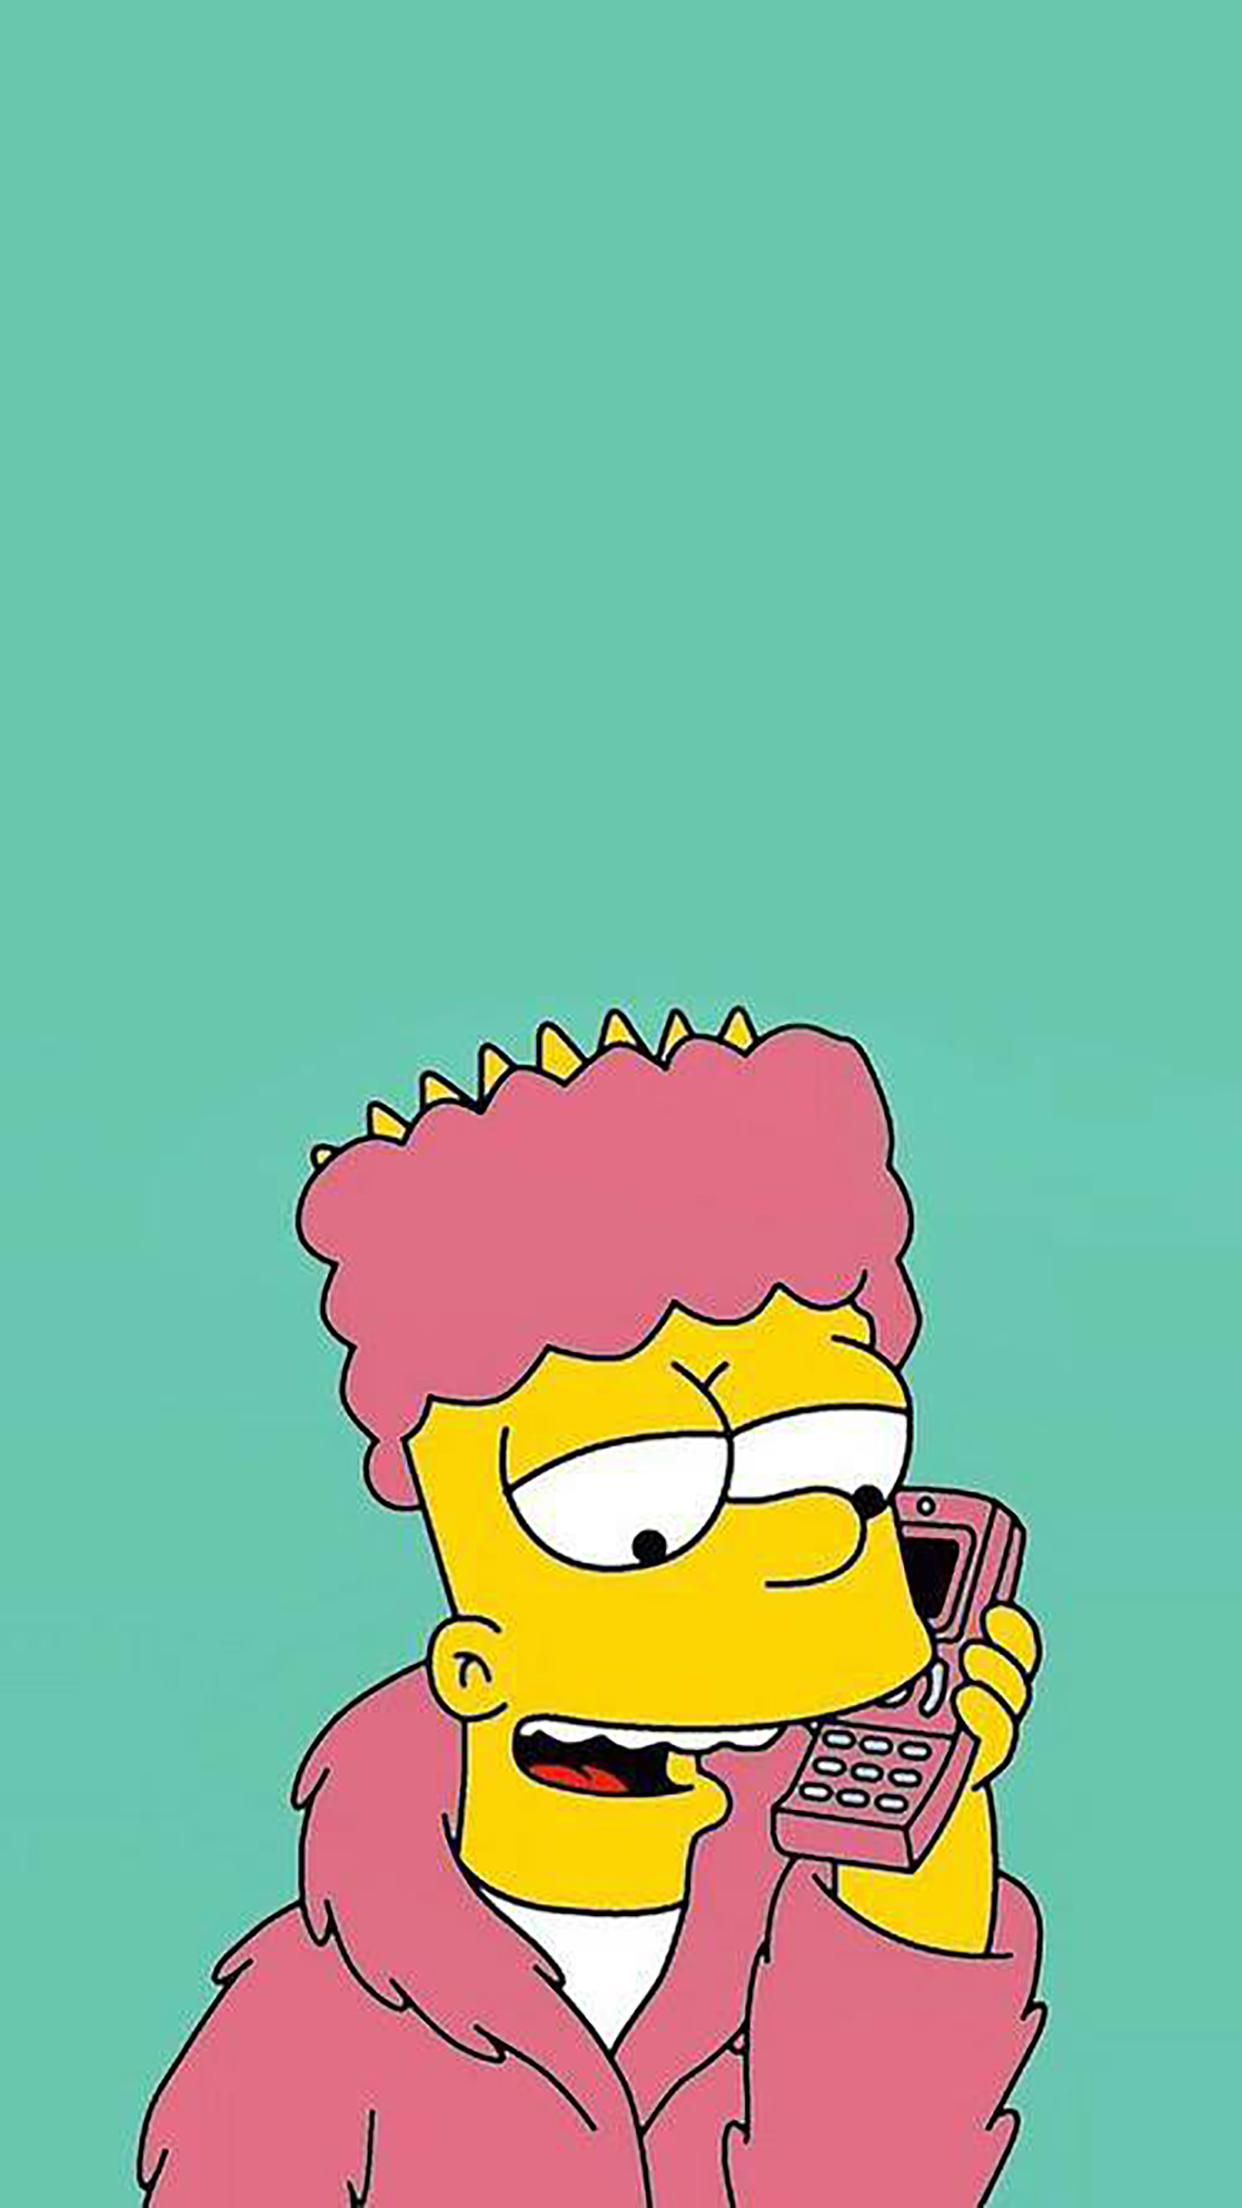 Симпсоны голие картинки барта 20 фотография